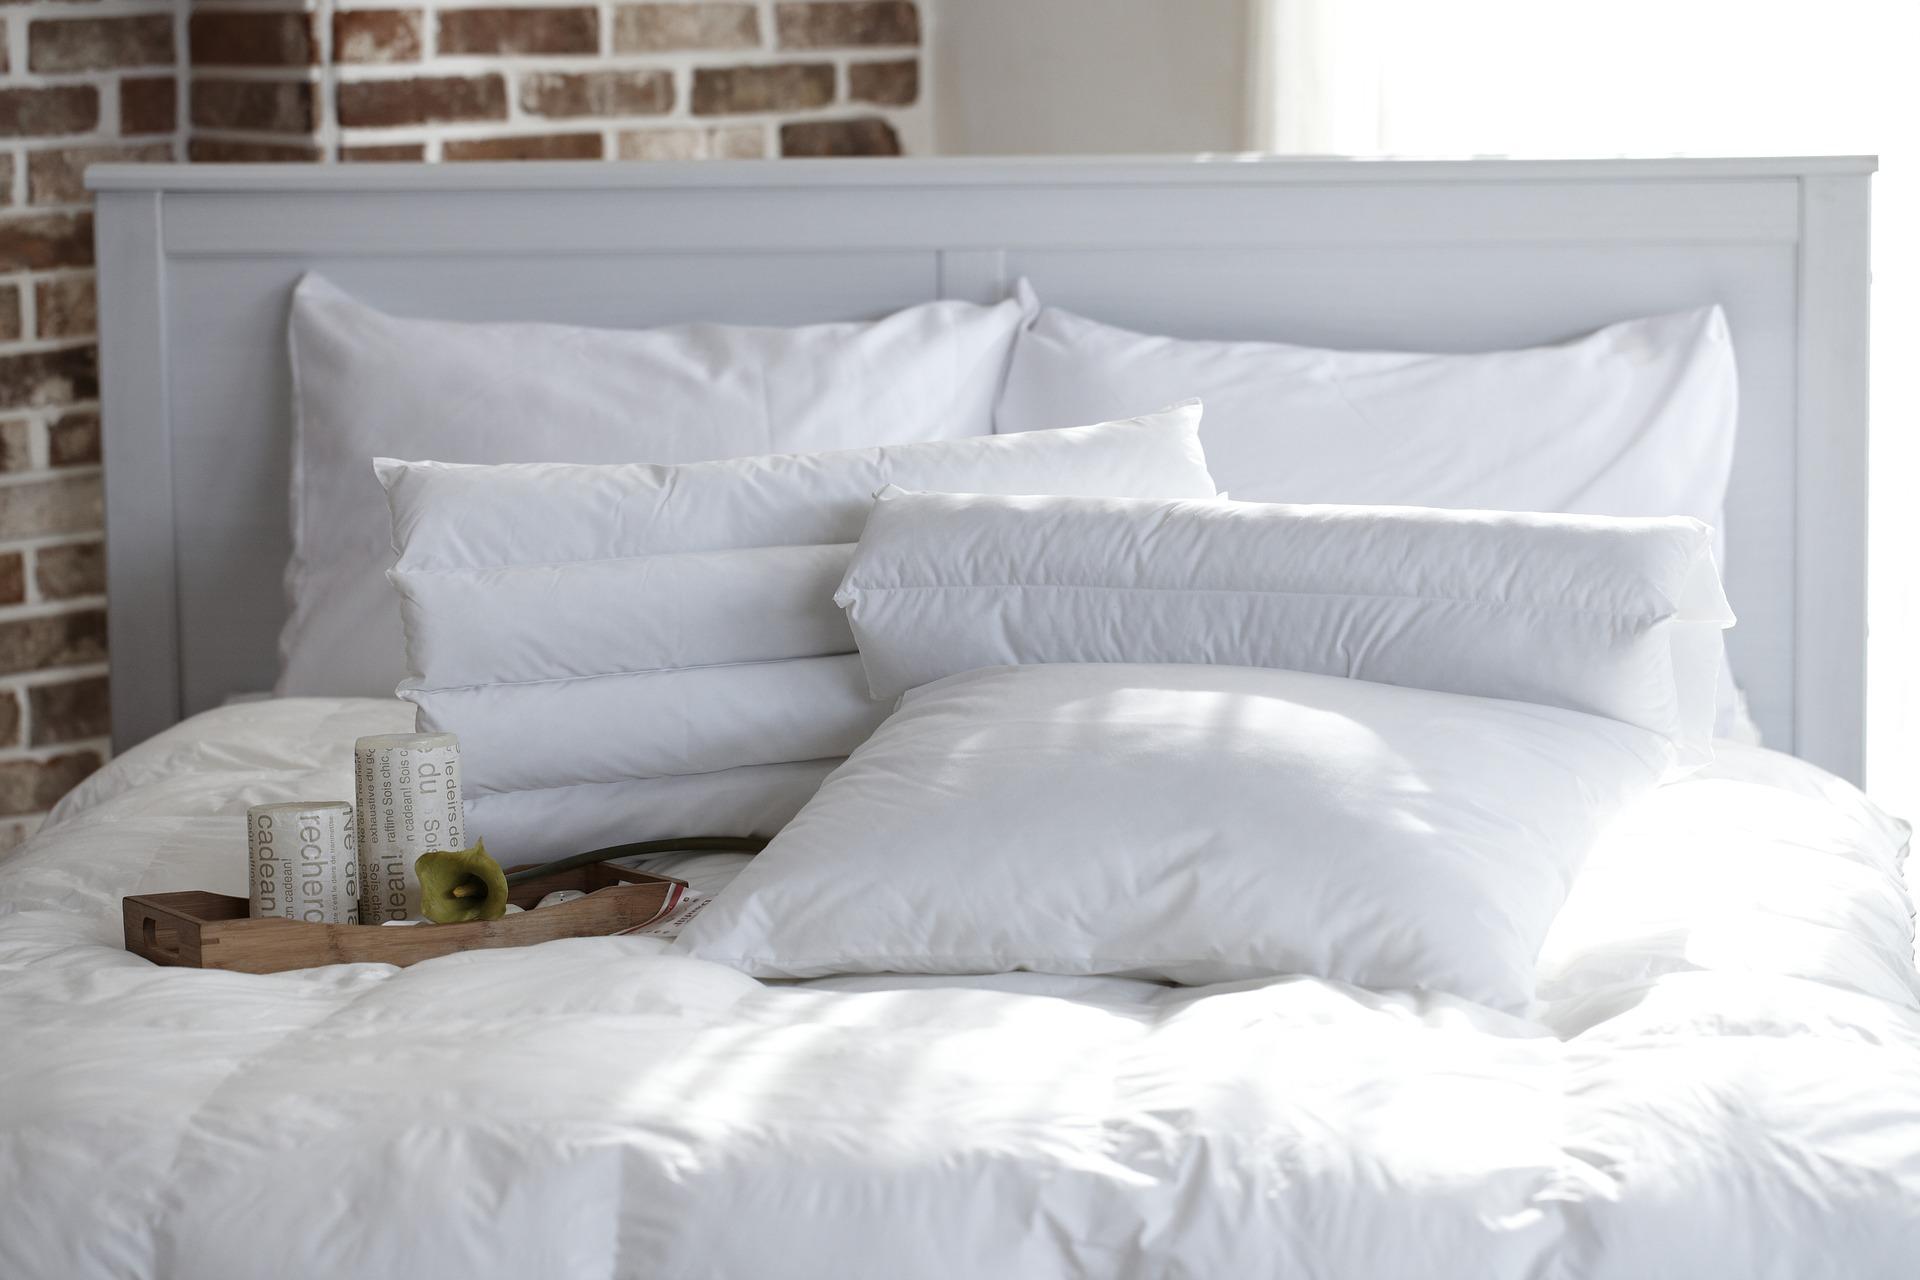 Tips om beter te slapen. Luxe dekbed #slapen #dekbed